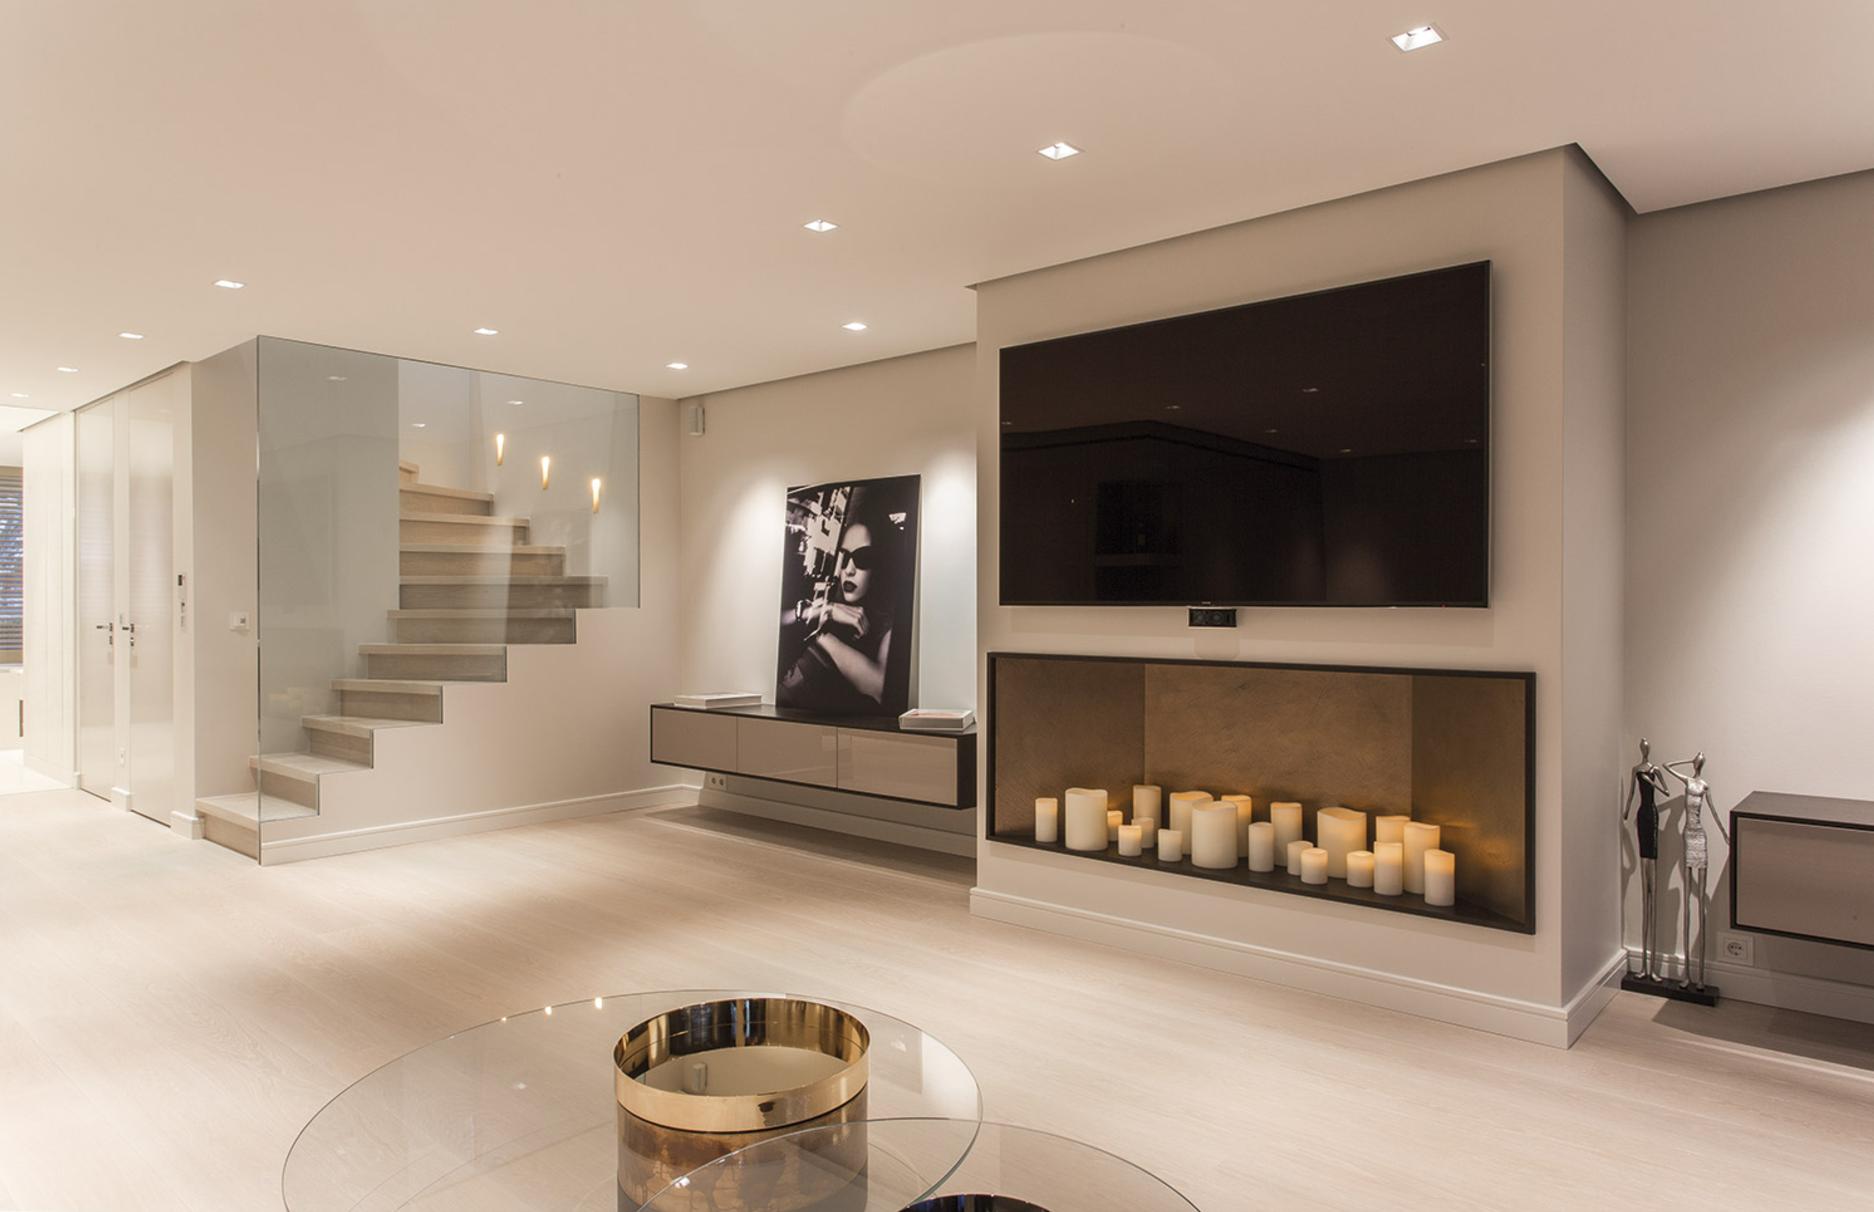 Außergewöhnlich Einrichtung Wohnzimmer TV An Wand Mit Kerzen Im Regal